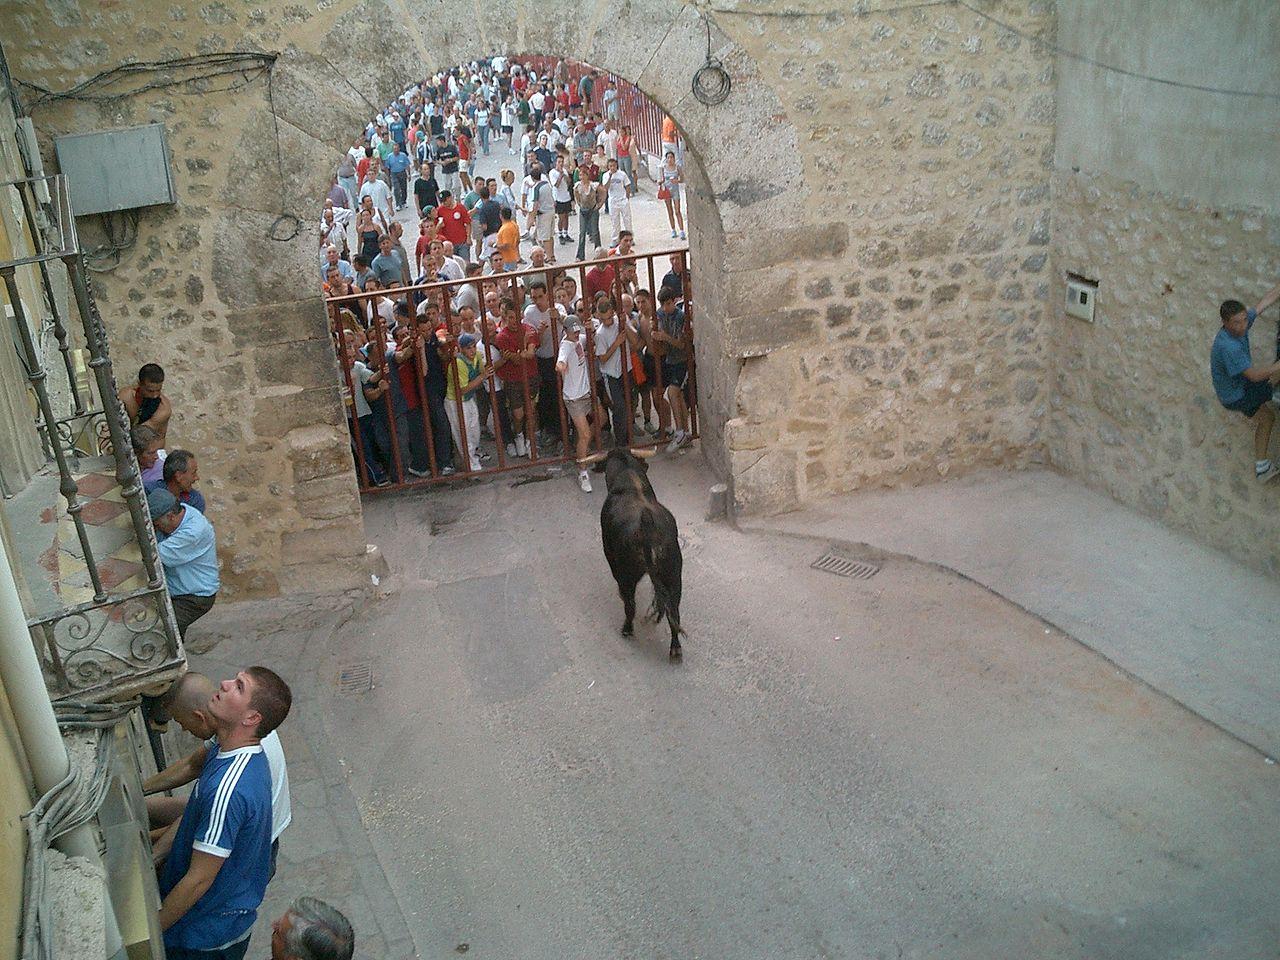 1280px-Encierro_Pastrana2